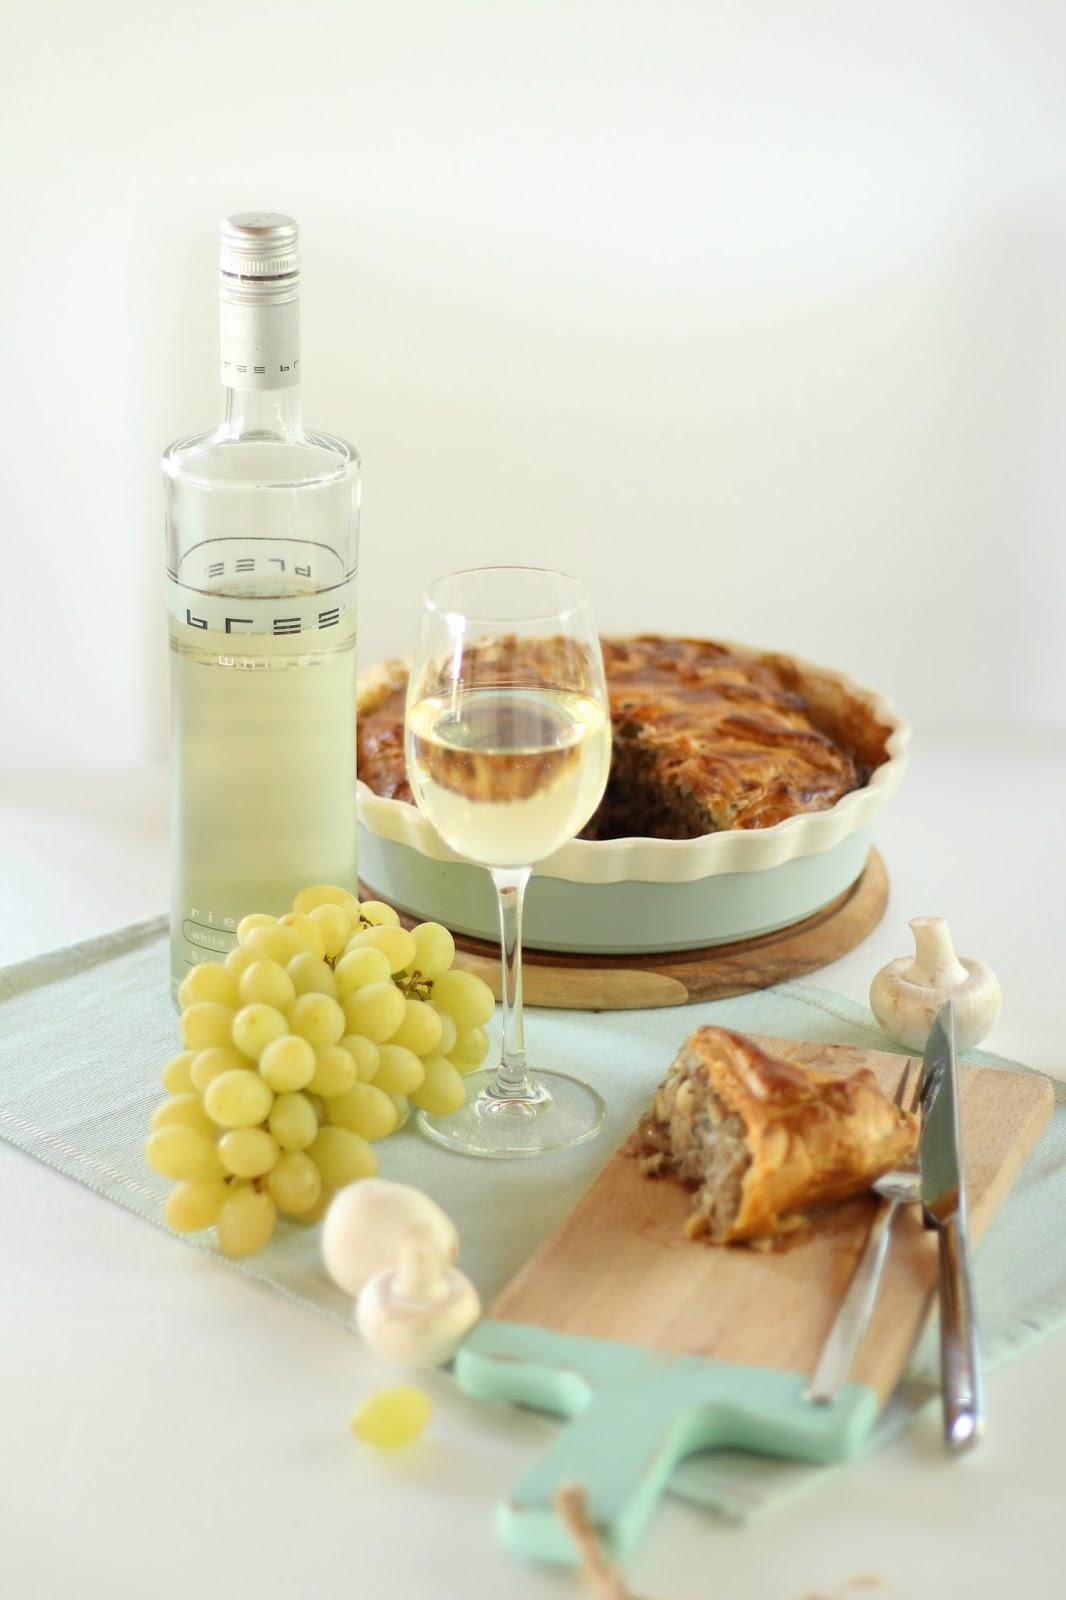 Herbstliche Pastete mit Champignons und Hackfleisch - dazu ein Glas Bree Wein